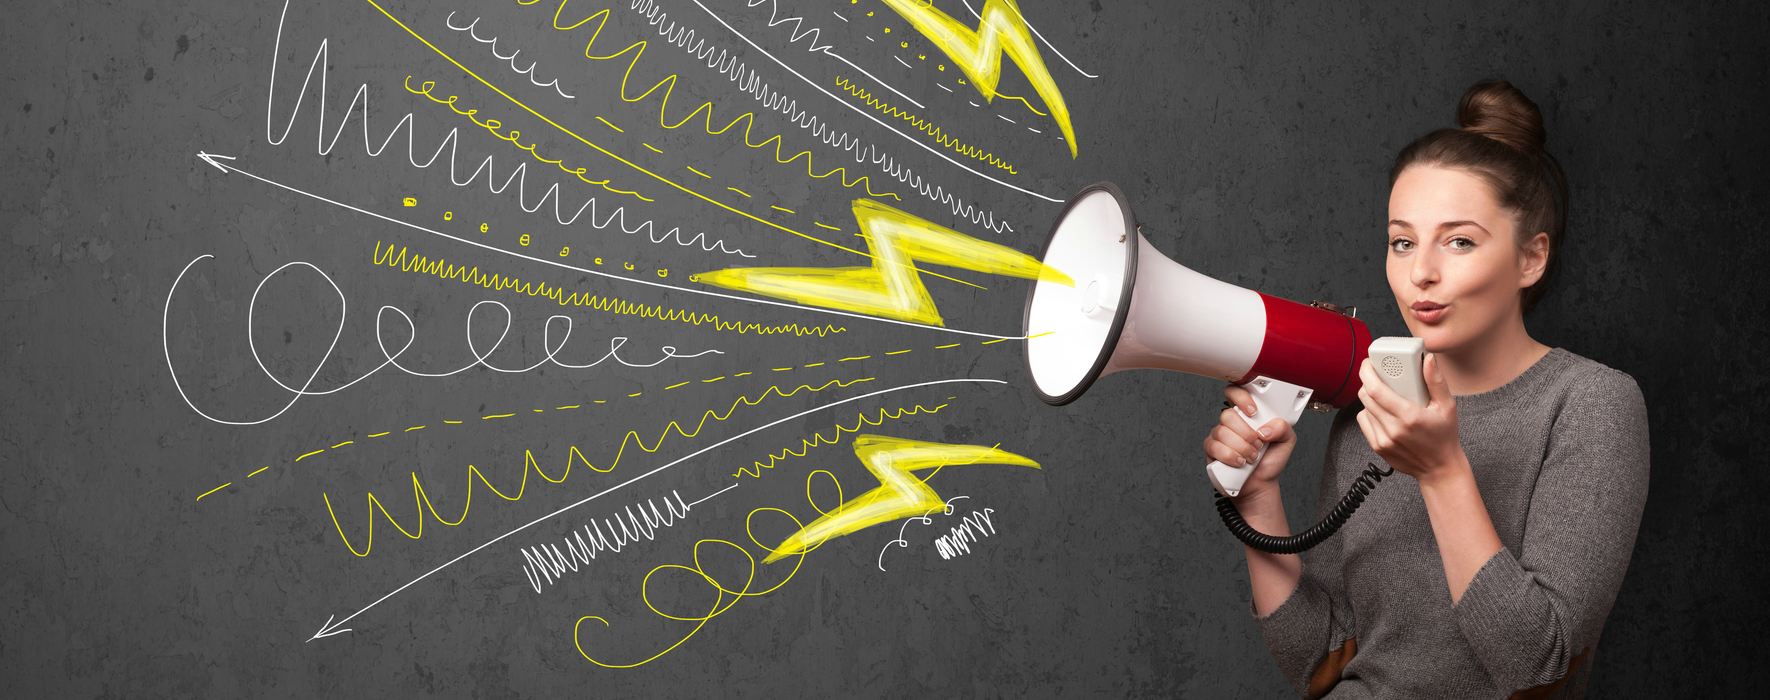 Как научиться красиво и грамотно говорить и излагать свои мысли: 10 лучших советов и правил. Как развить речь и научиться говорить четко, внятно и красиво: упражнения